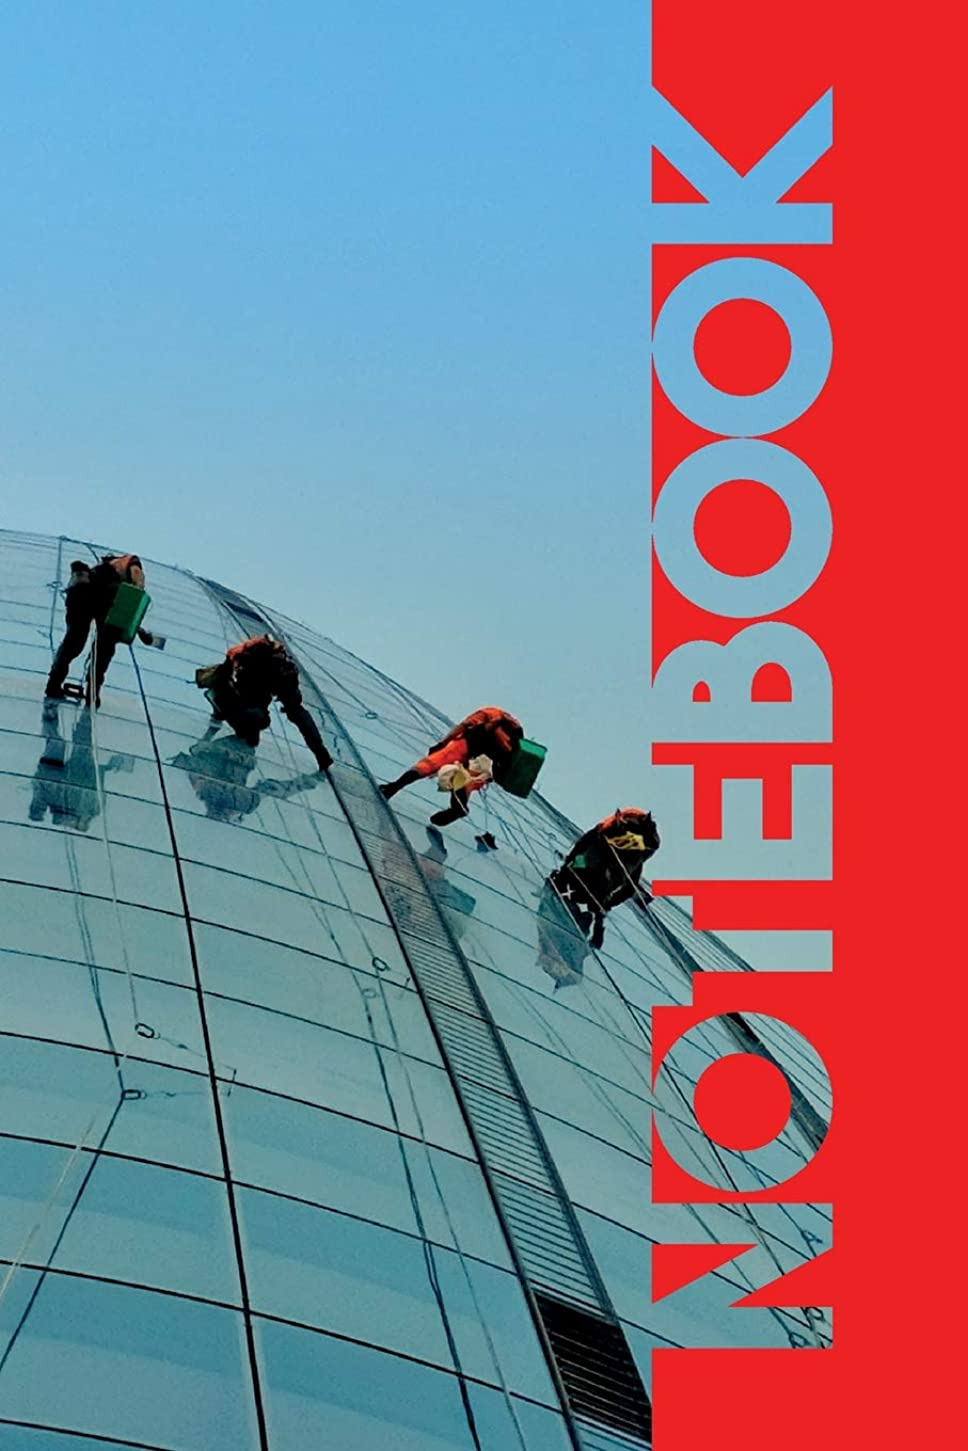 洞察力役員入札Notebook: Window Cleaning Services Practical Composition Book for High Rise Washer